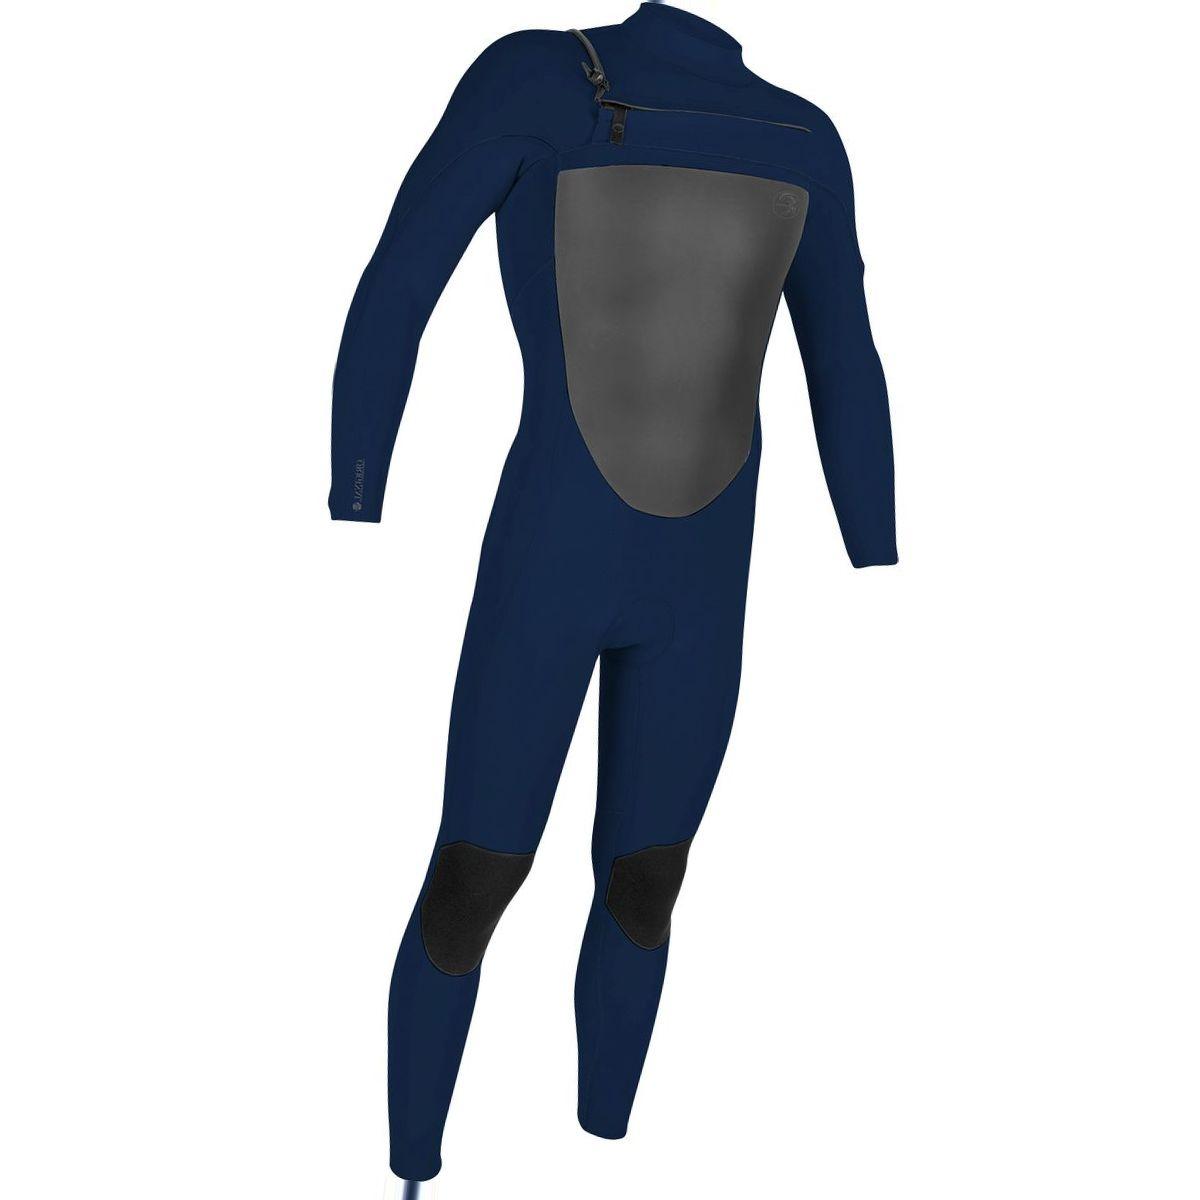 O'Neill O'riginal Fuze 4/3 Taped Wetsuit - Men's